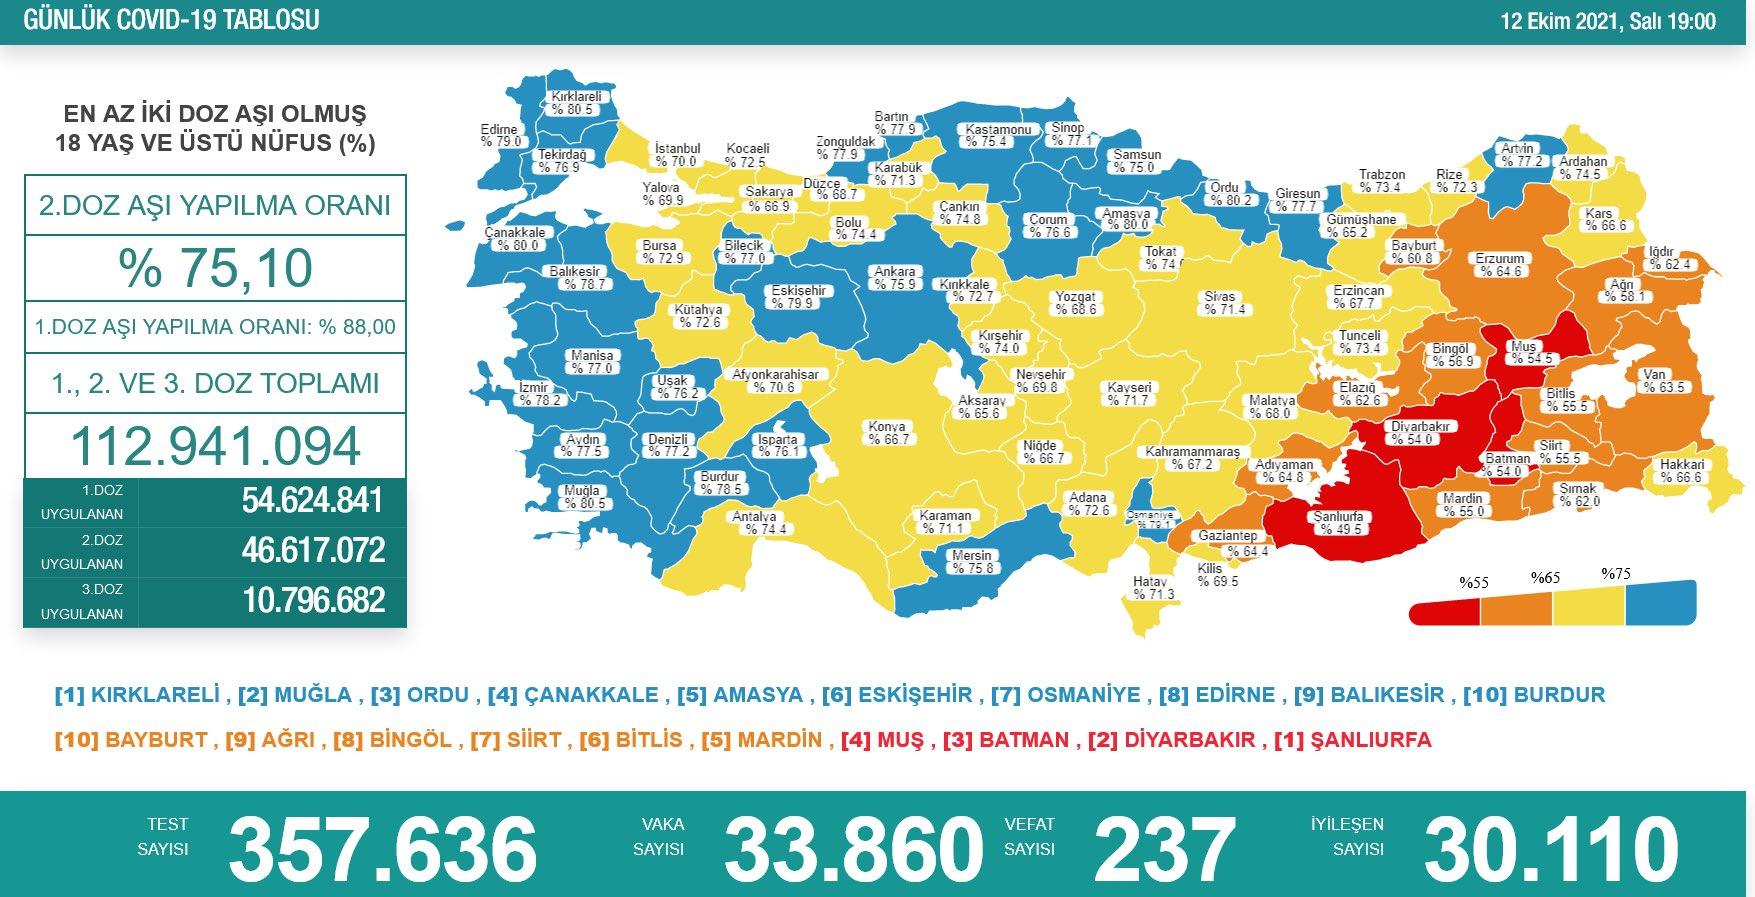 Sağlık Bakanlığı 12 Ekim 2021 Türkiye Koronavirüs Tablosu Açıkladı